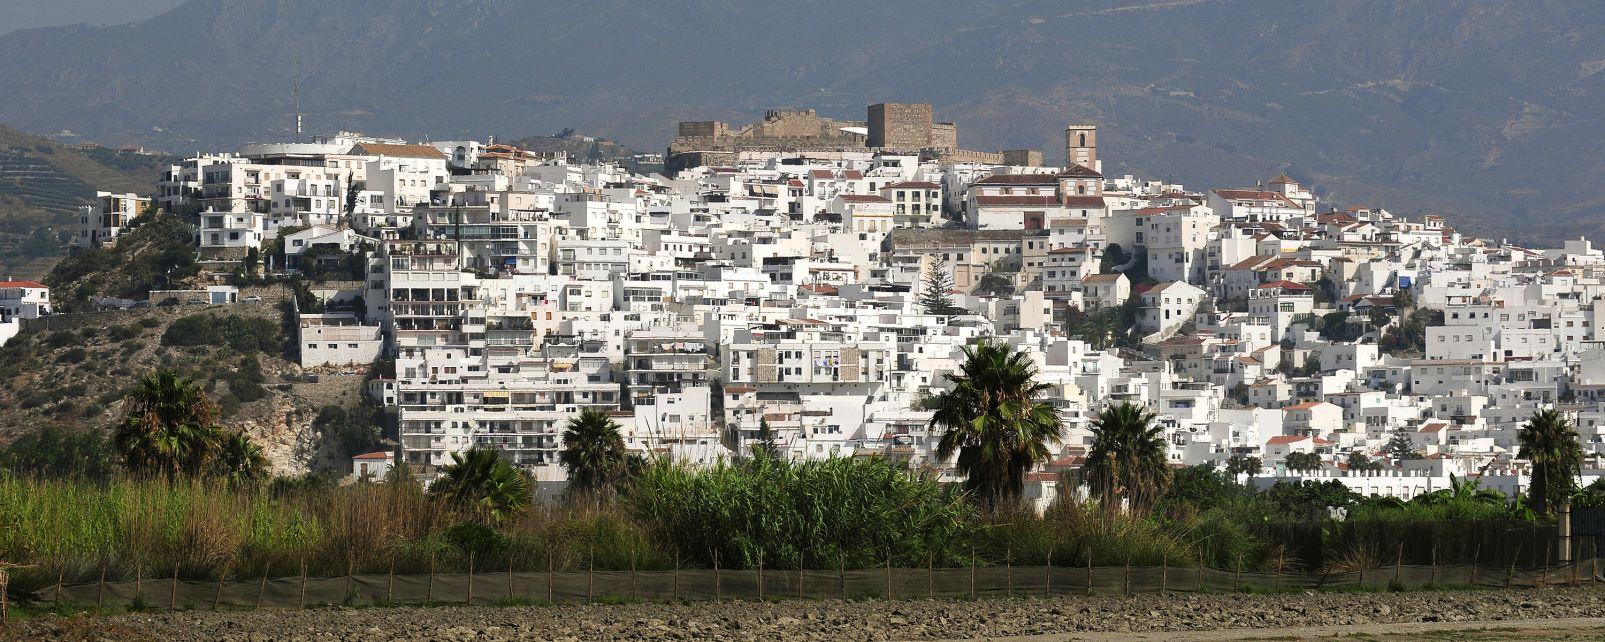 Espagne- Andalousie- Salobrena, Le village blanc de Salobrena et son château., Les monuments, Andalousie